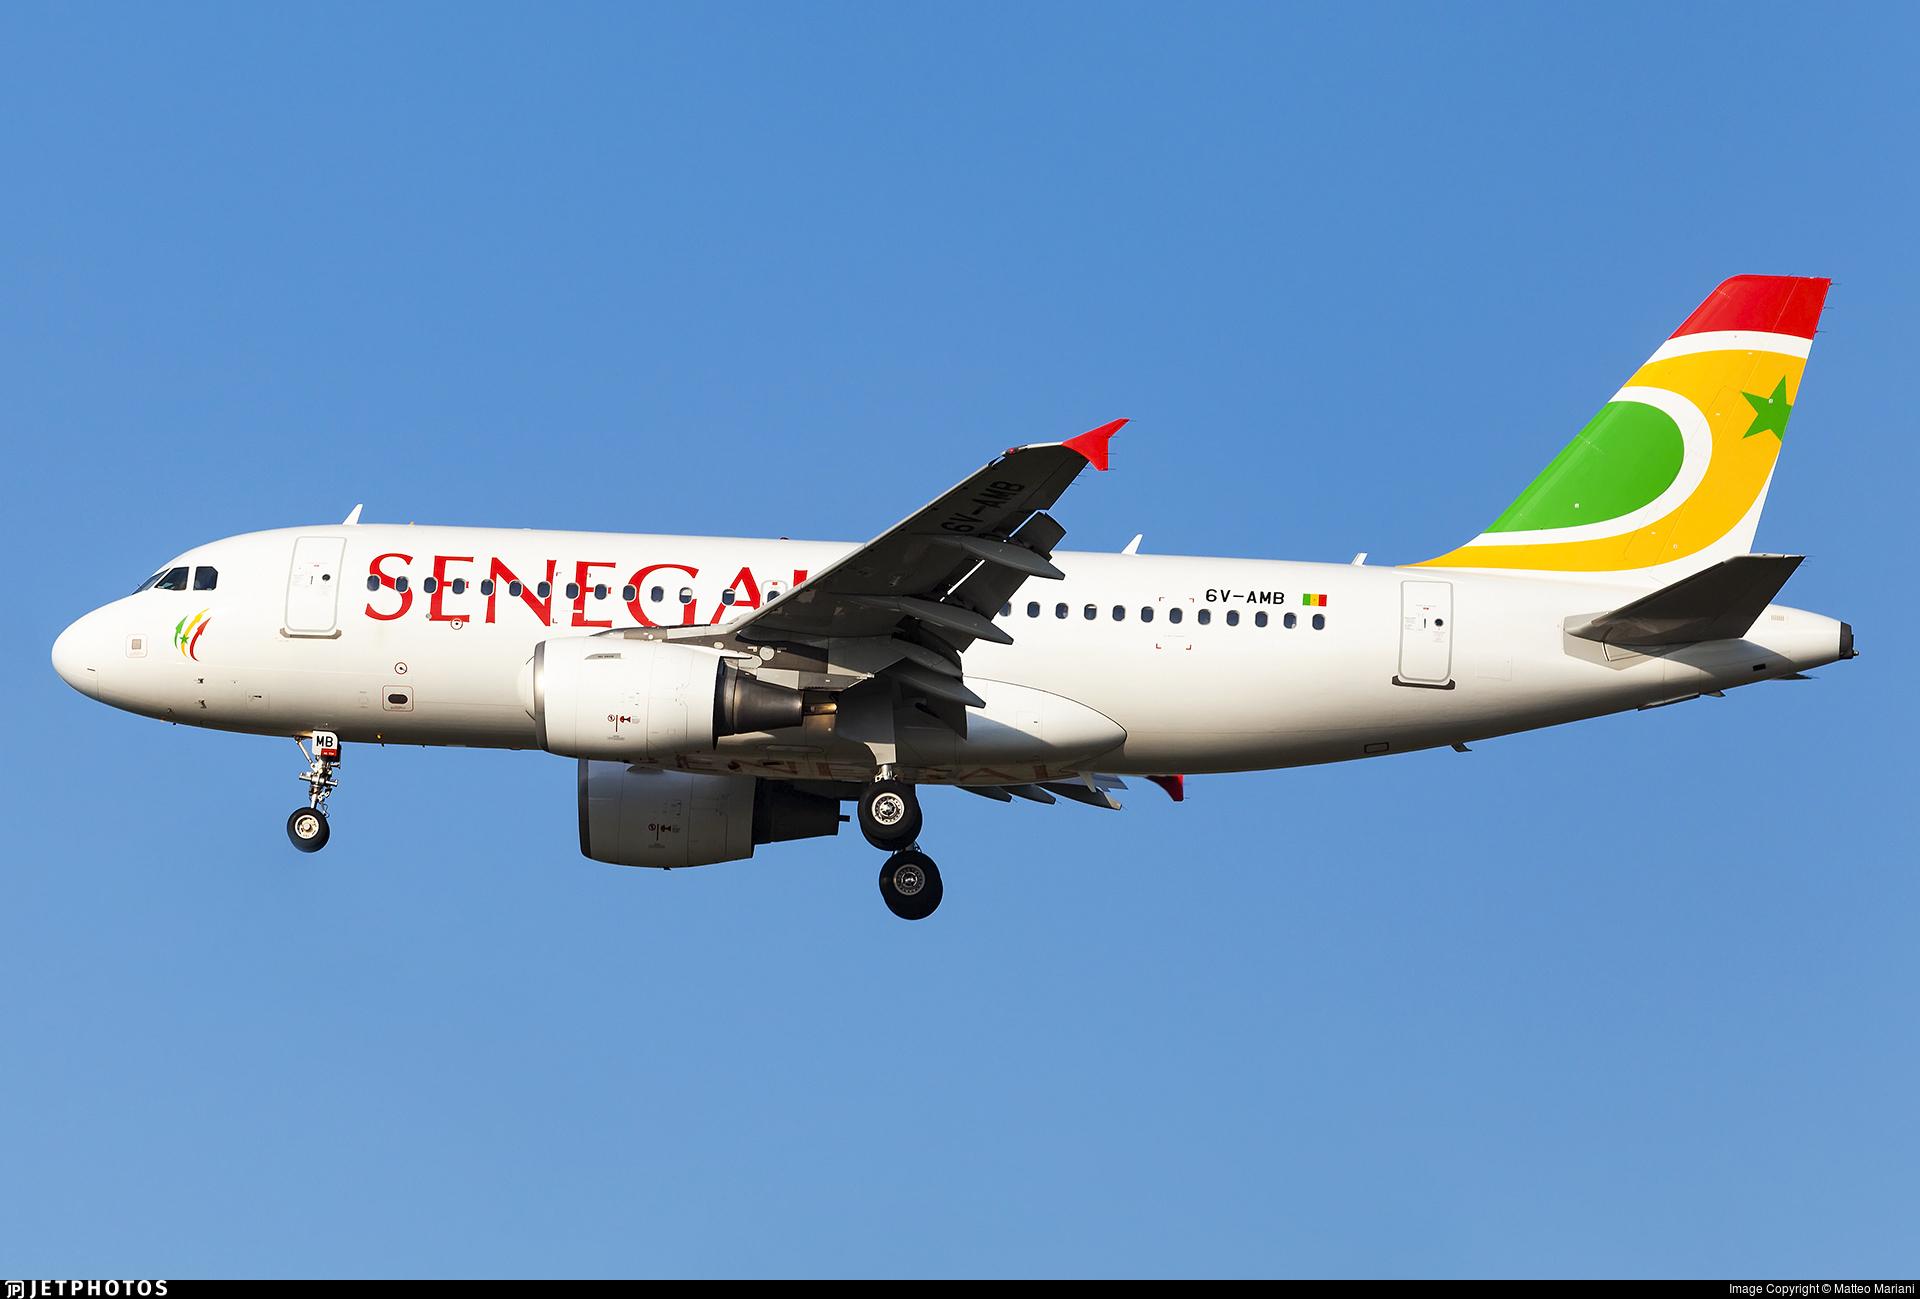 6V-AMB - Airbus A319-111 - Air Senegal